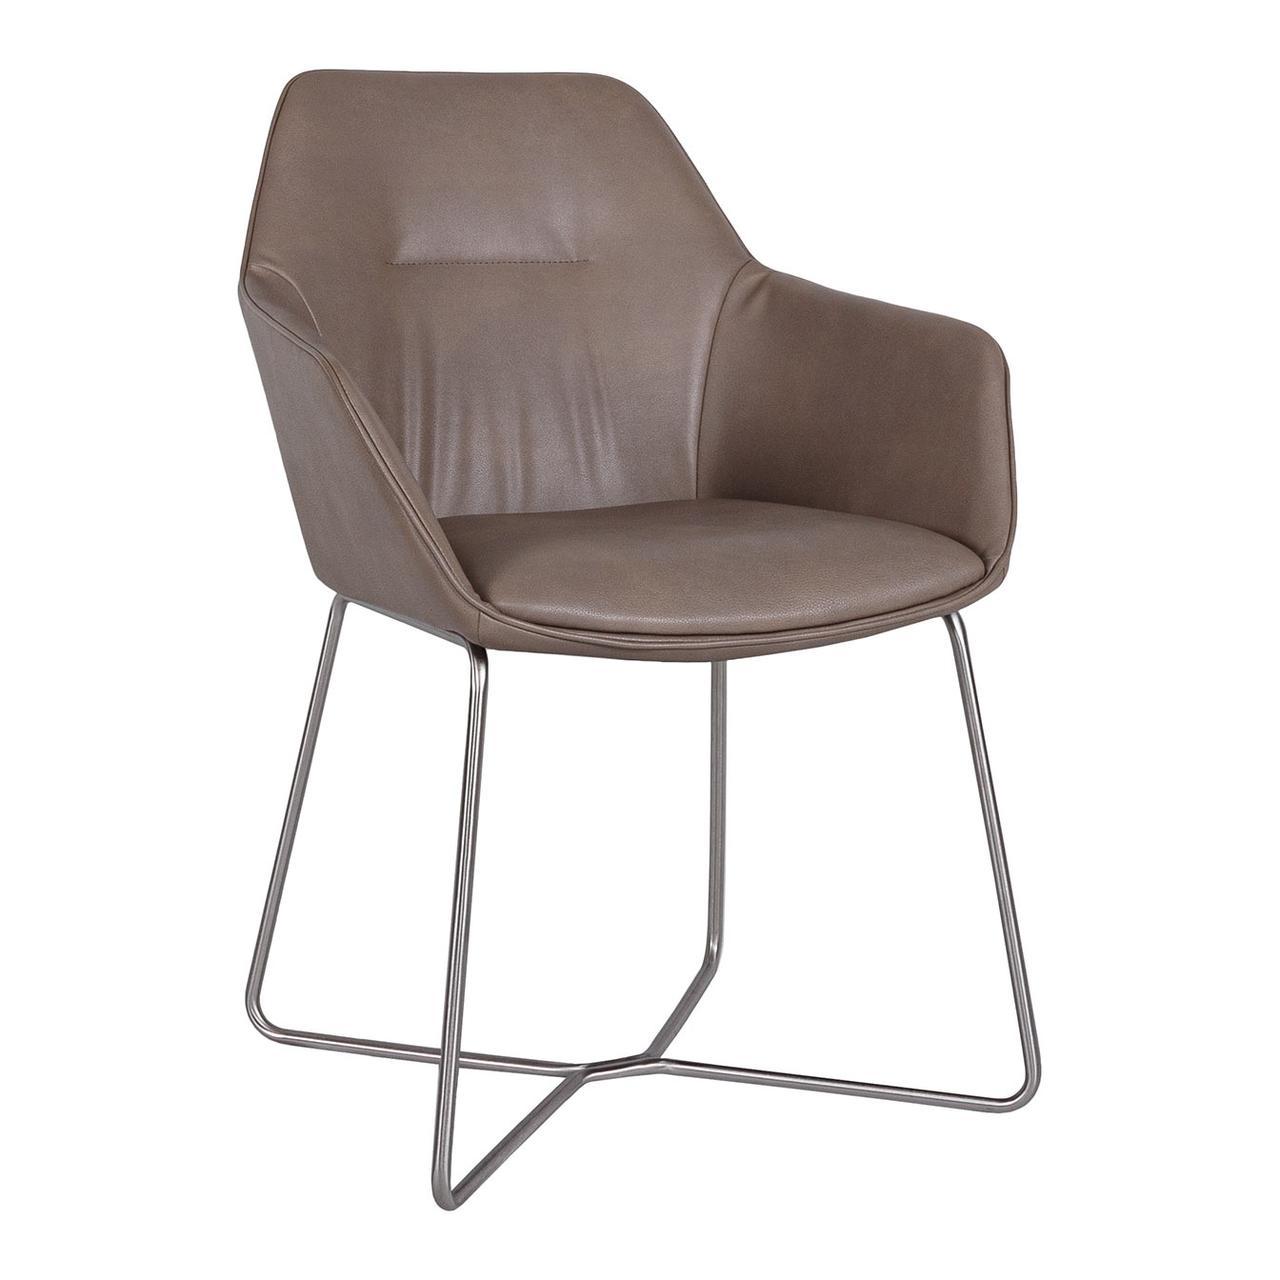 Кресло Laredo (Ларедо) мокко от Niсolas, кожзам